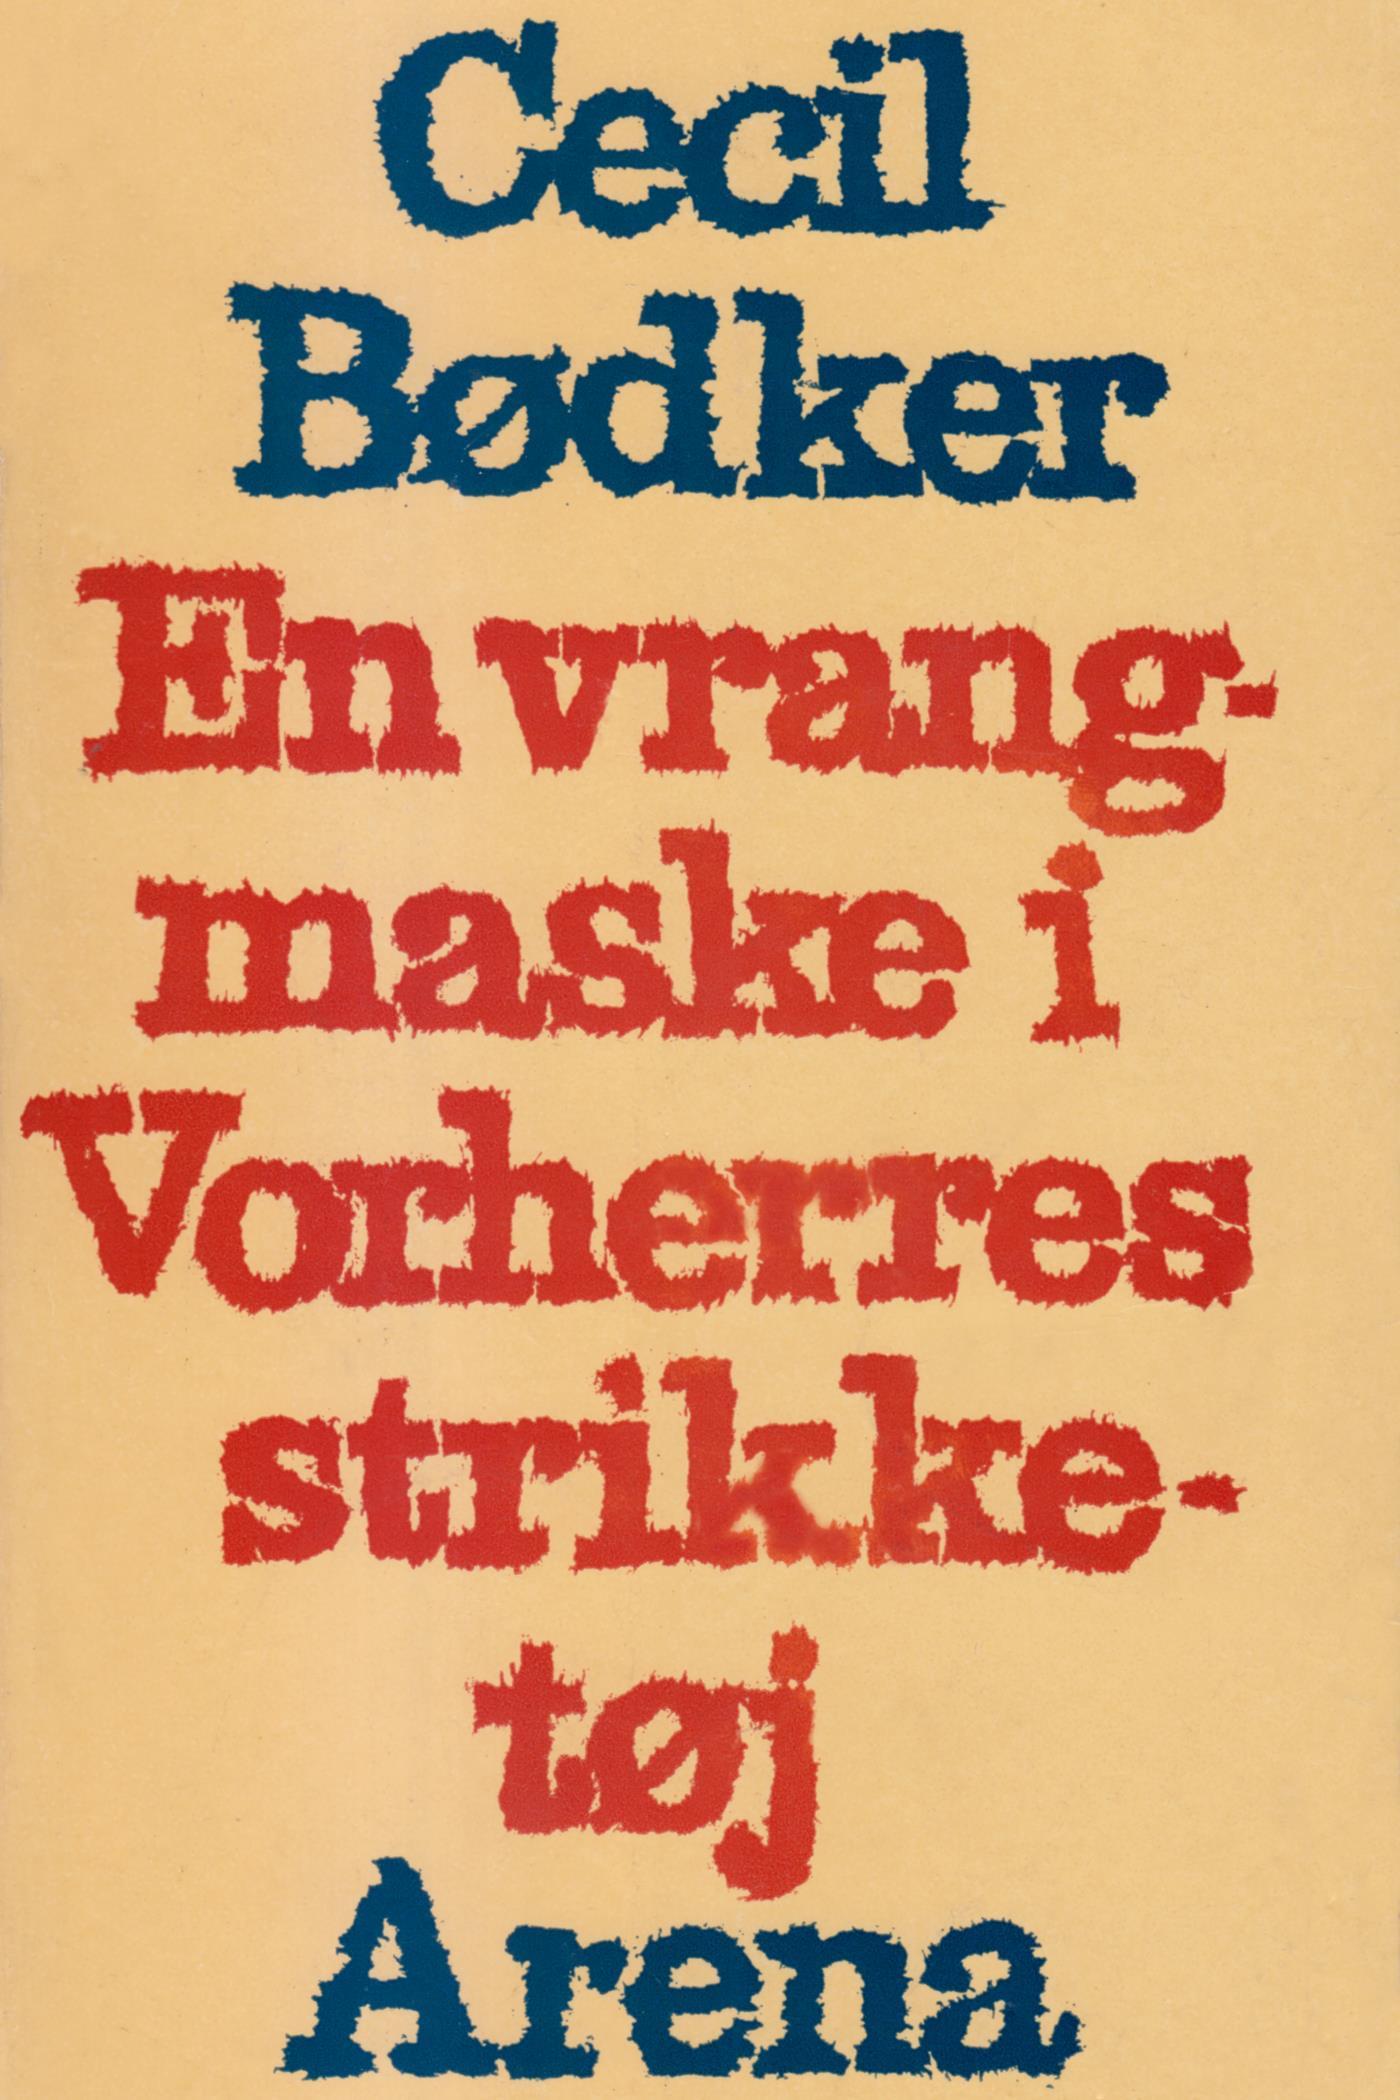 N/A En vrangmaske i vorherres strikketøj - e-bog fra bog & mystik